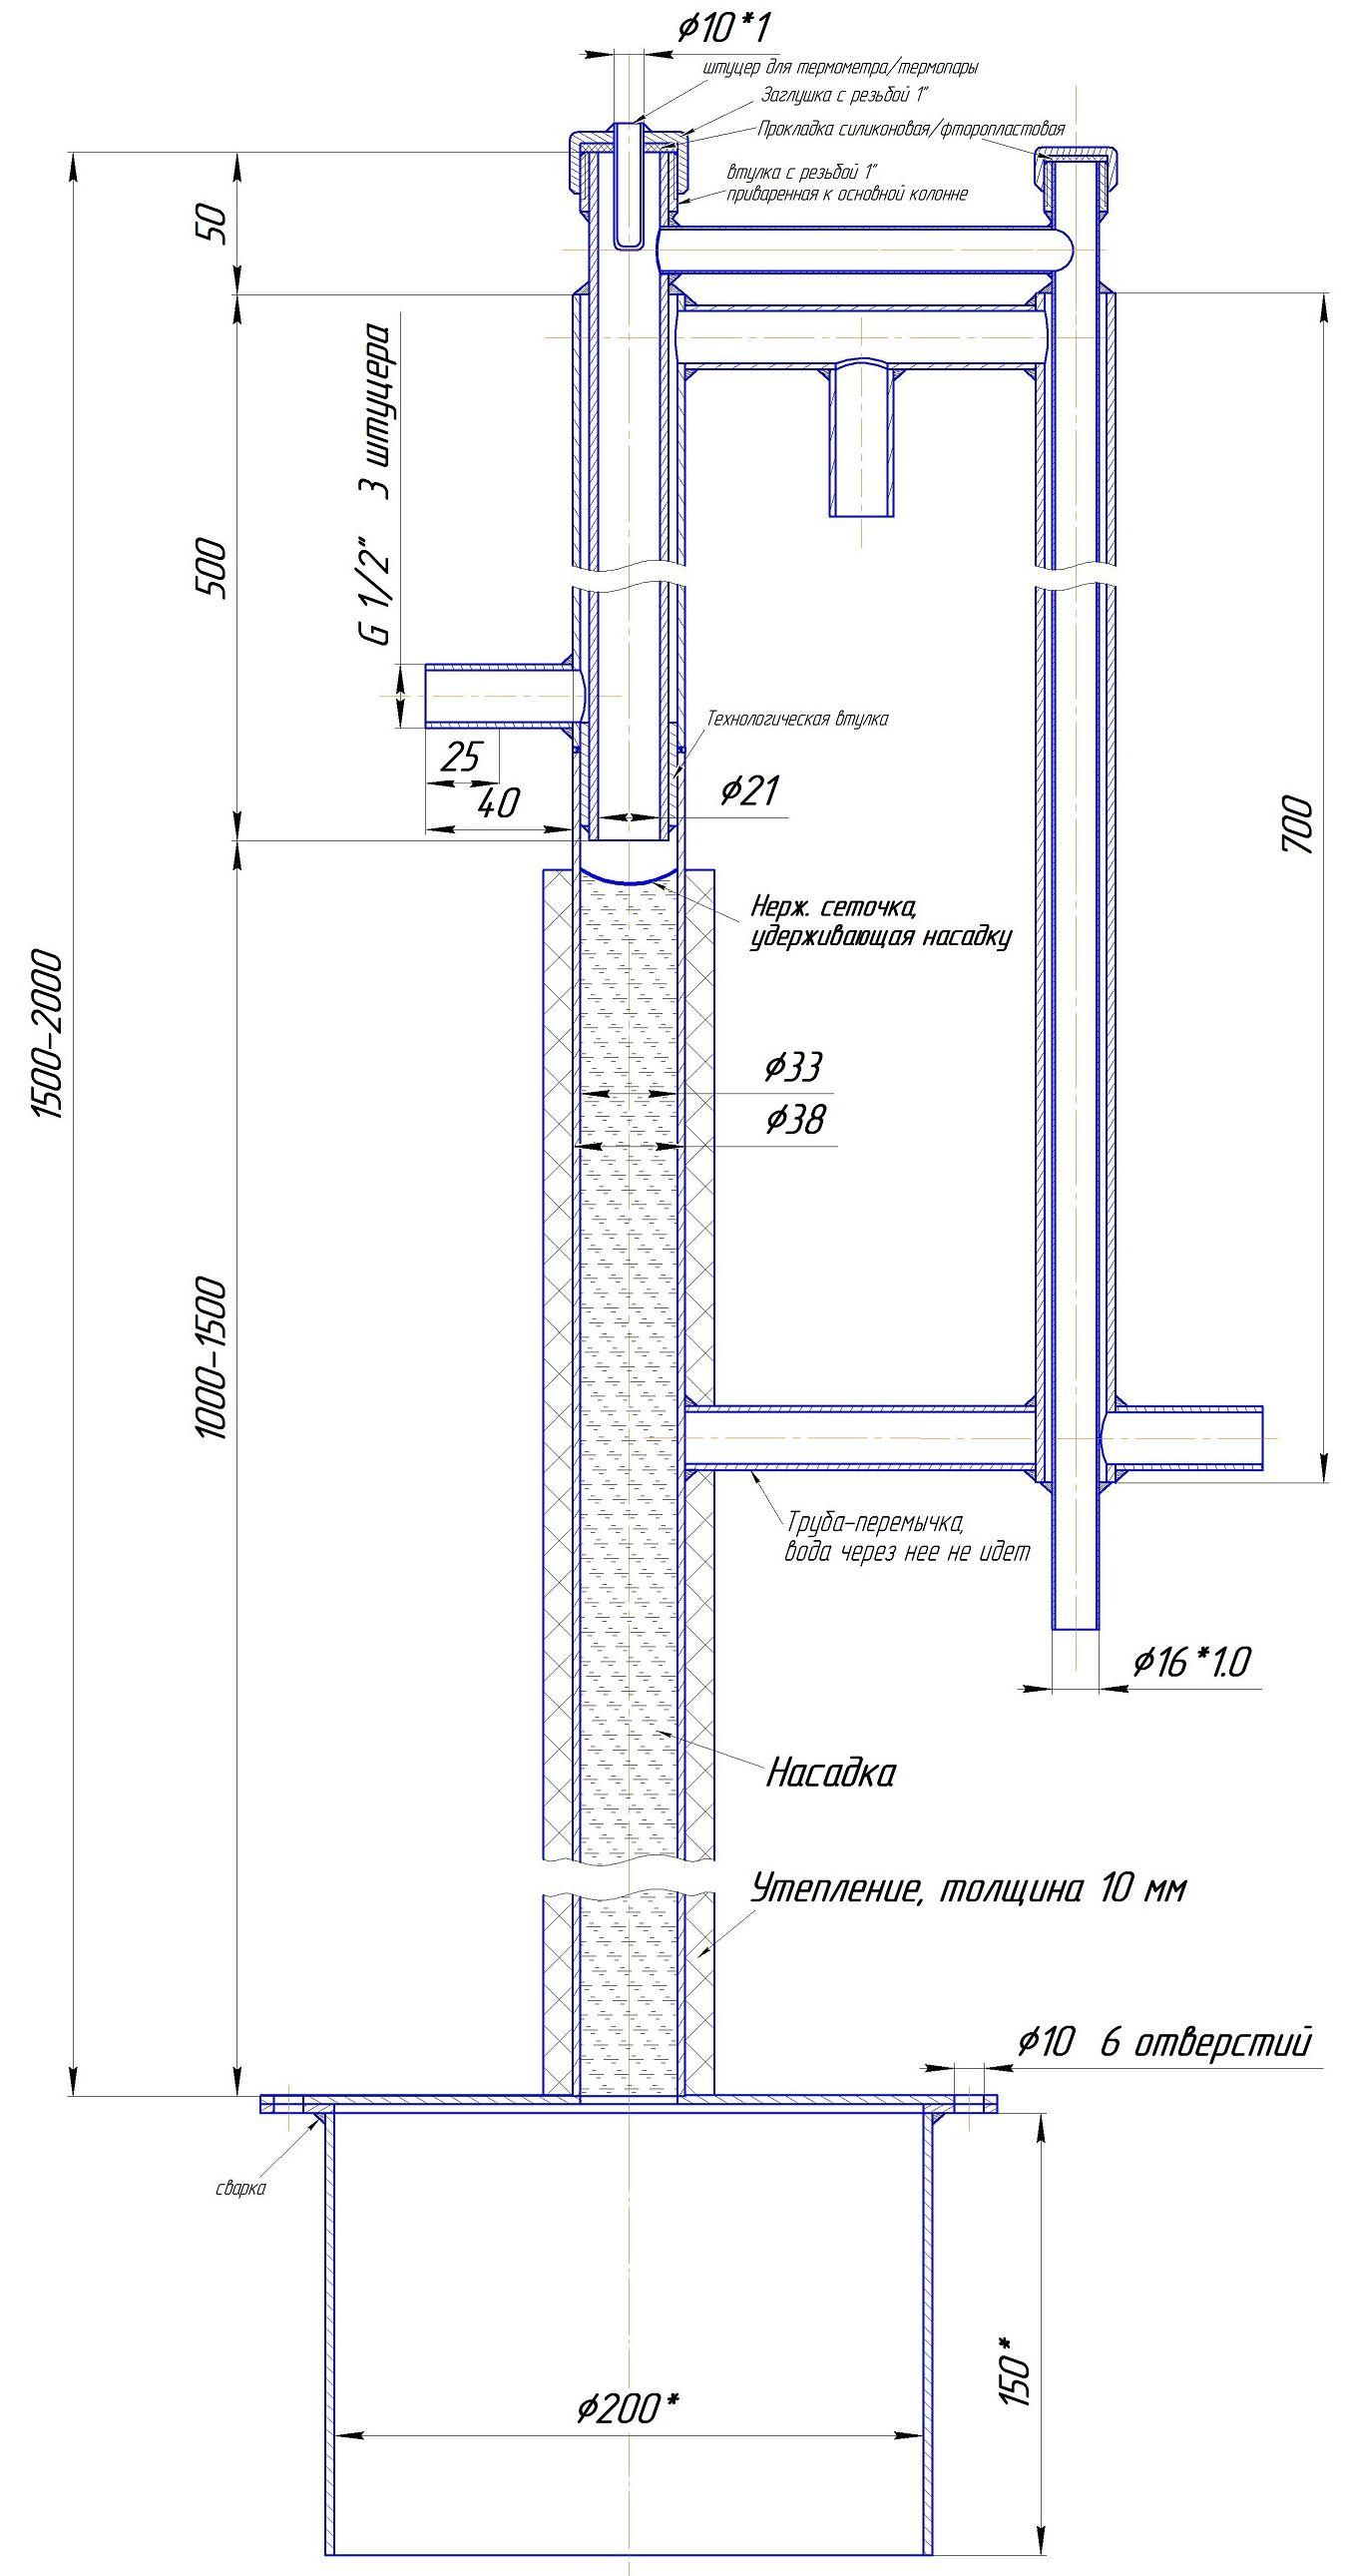 Конструкция: укрепляющая колонна для самогонного аппарата часть 1